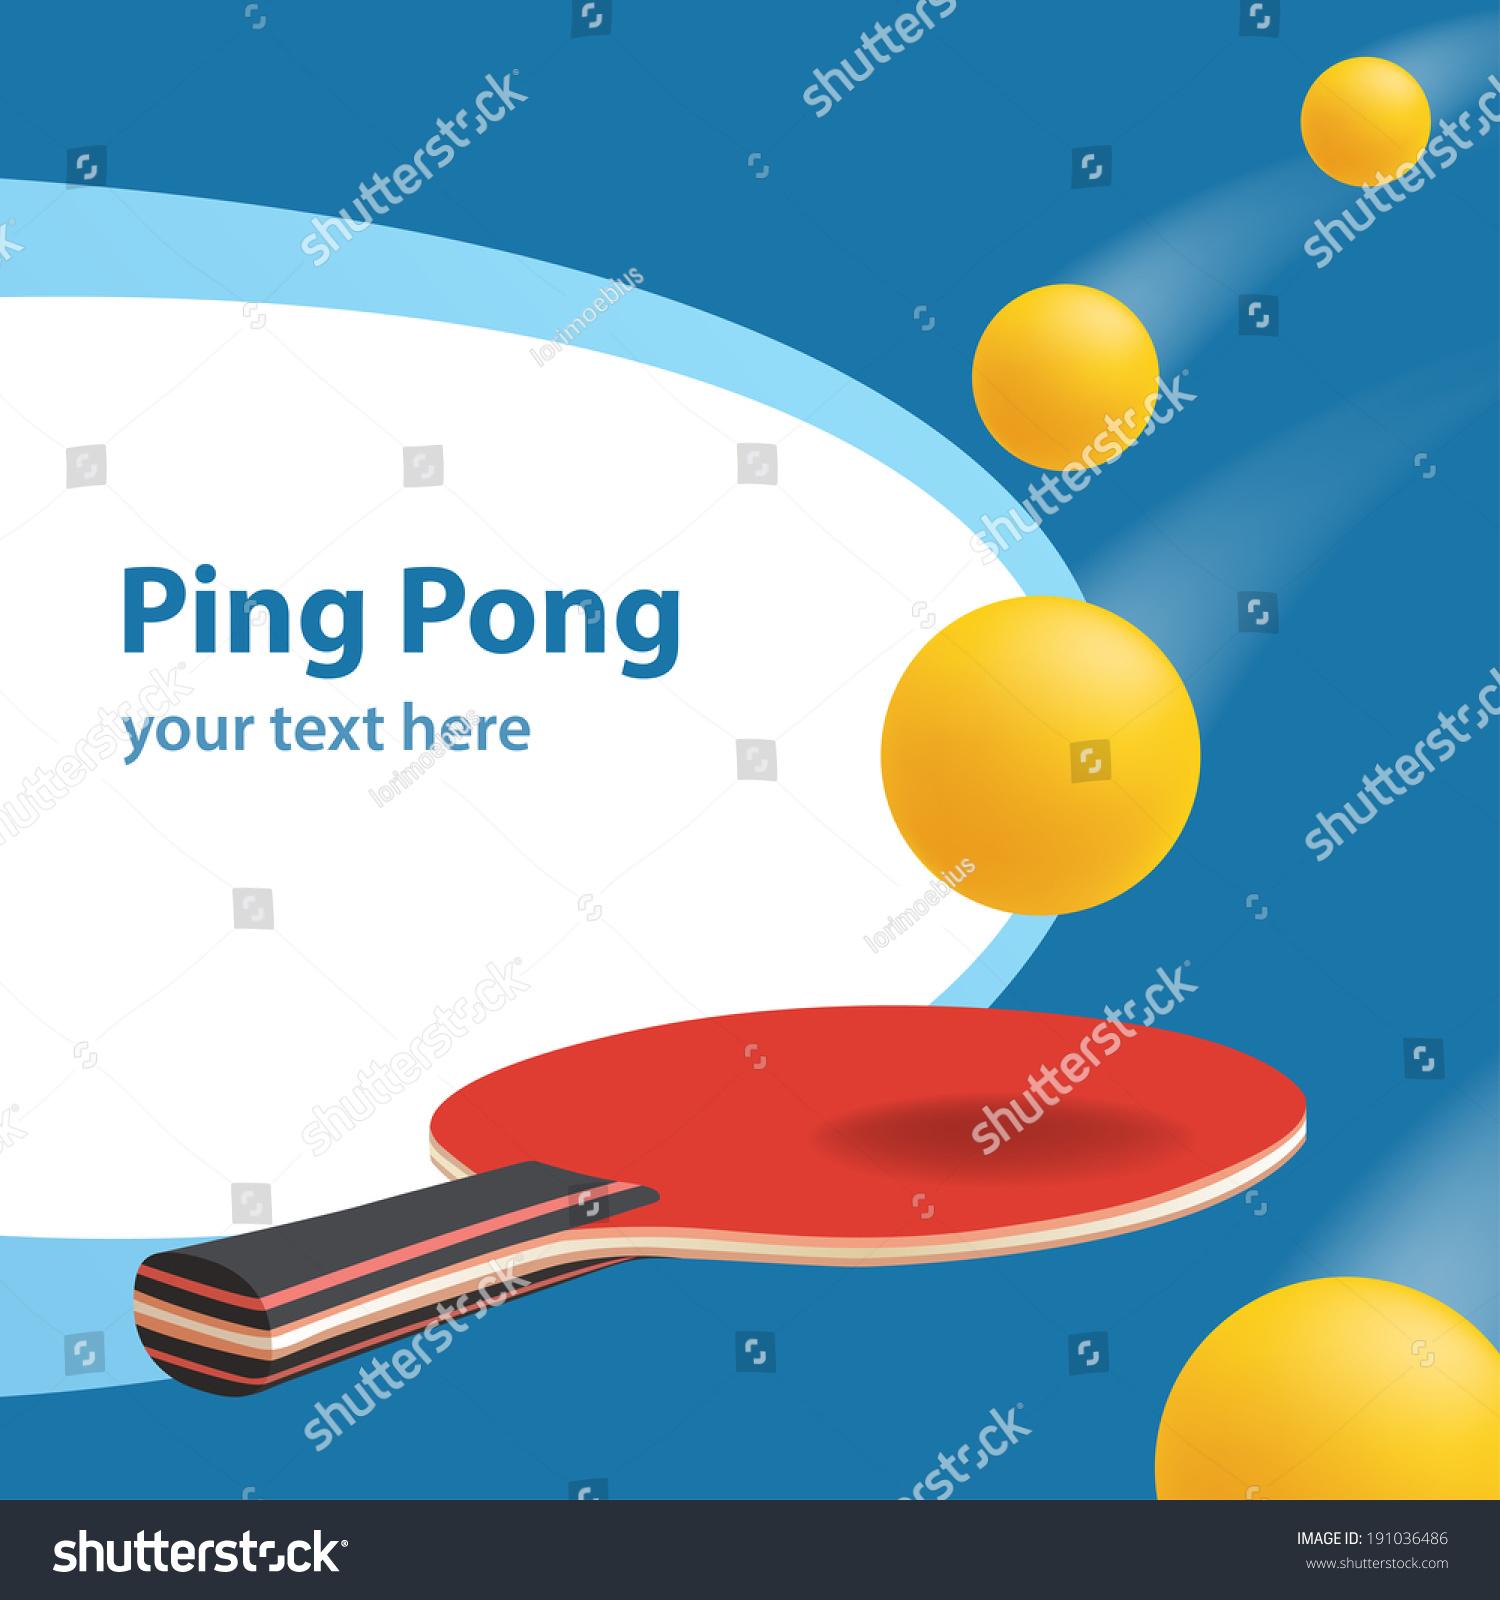 乒乓球向量横幅-运动/娱乐活动图片